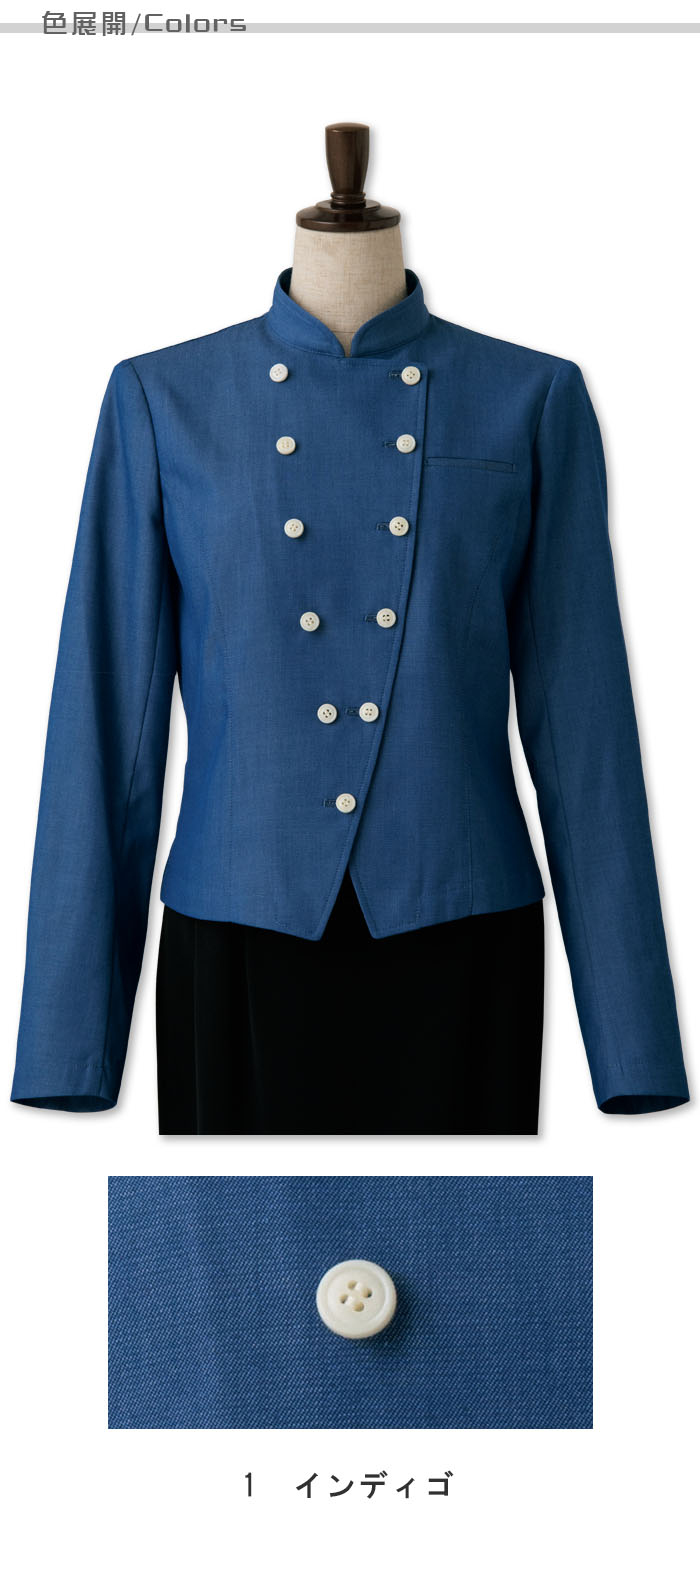 飲食店販売店制服 デニム生地が斬新で現代的。サービスジャケット【女性用】